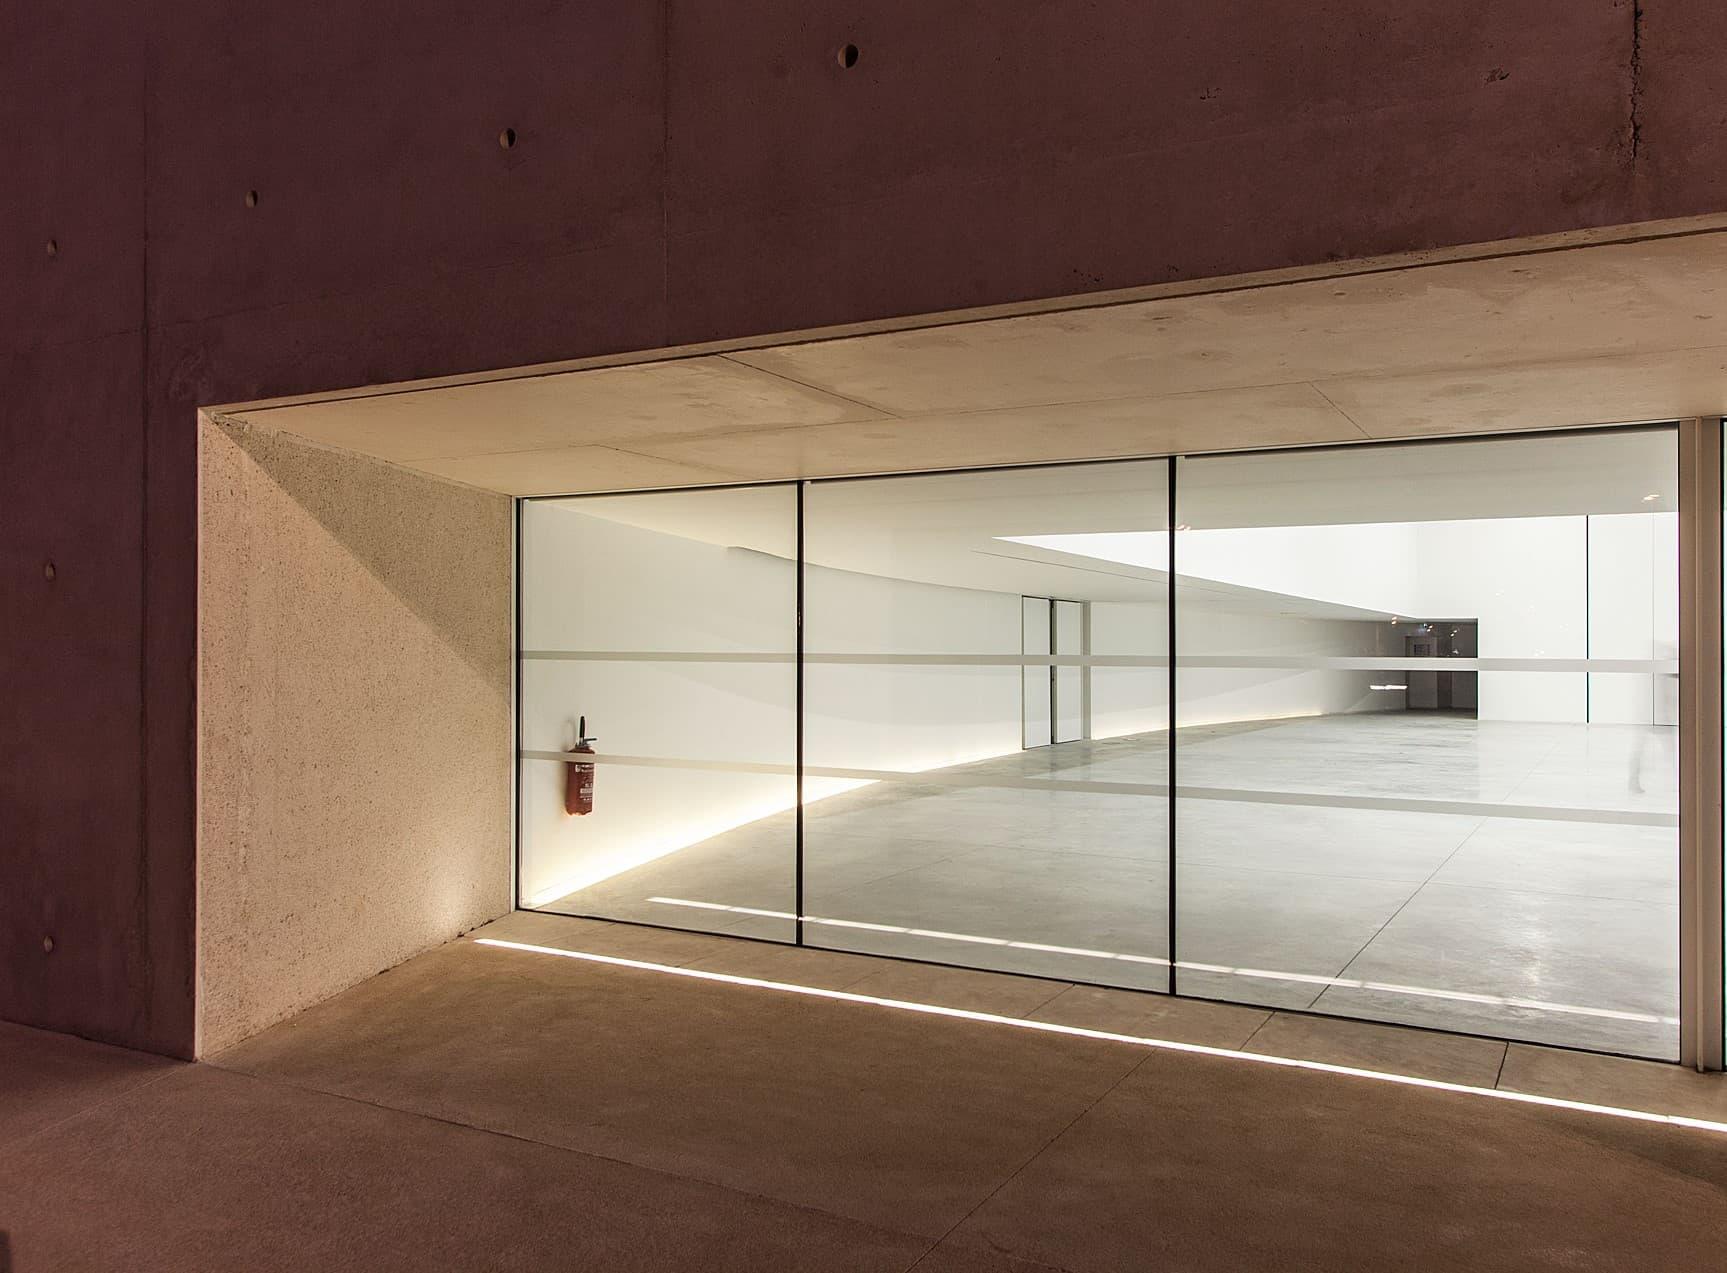 Vue d'extérieur de l'éclairage de la salle polyvalente de la duranne